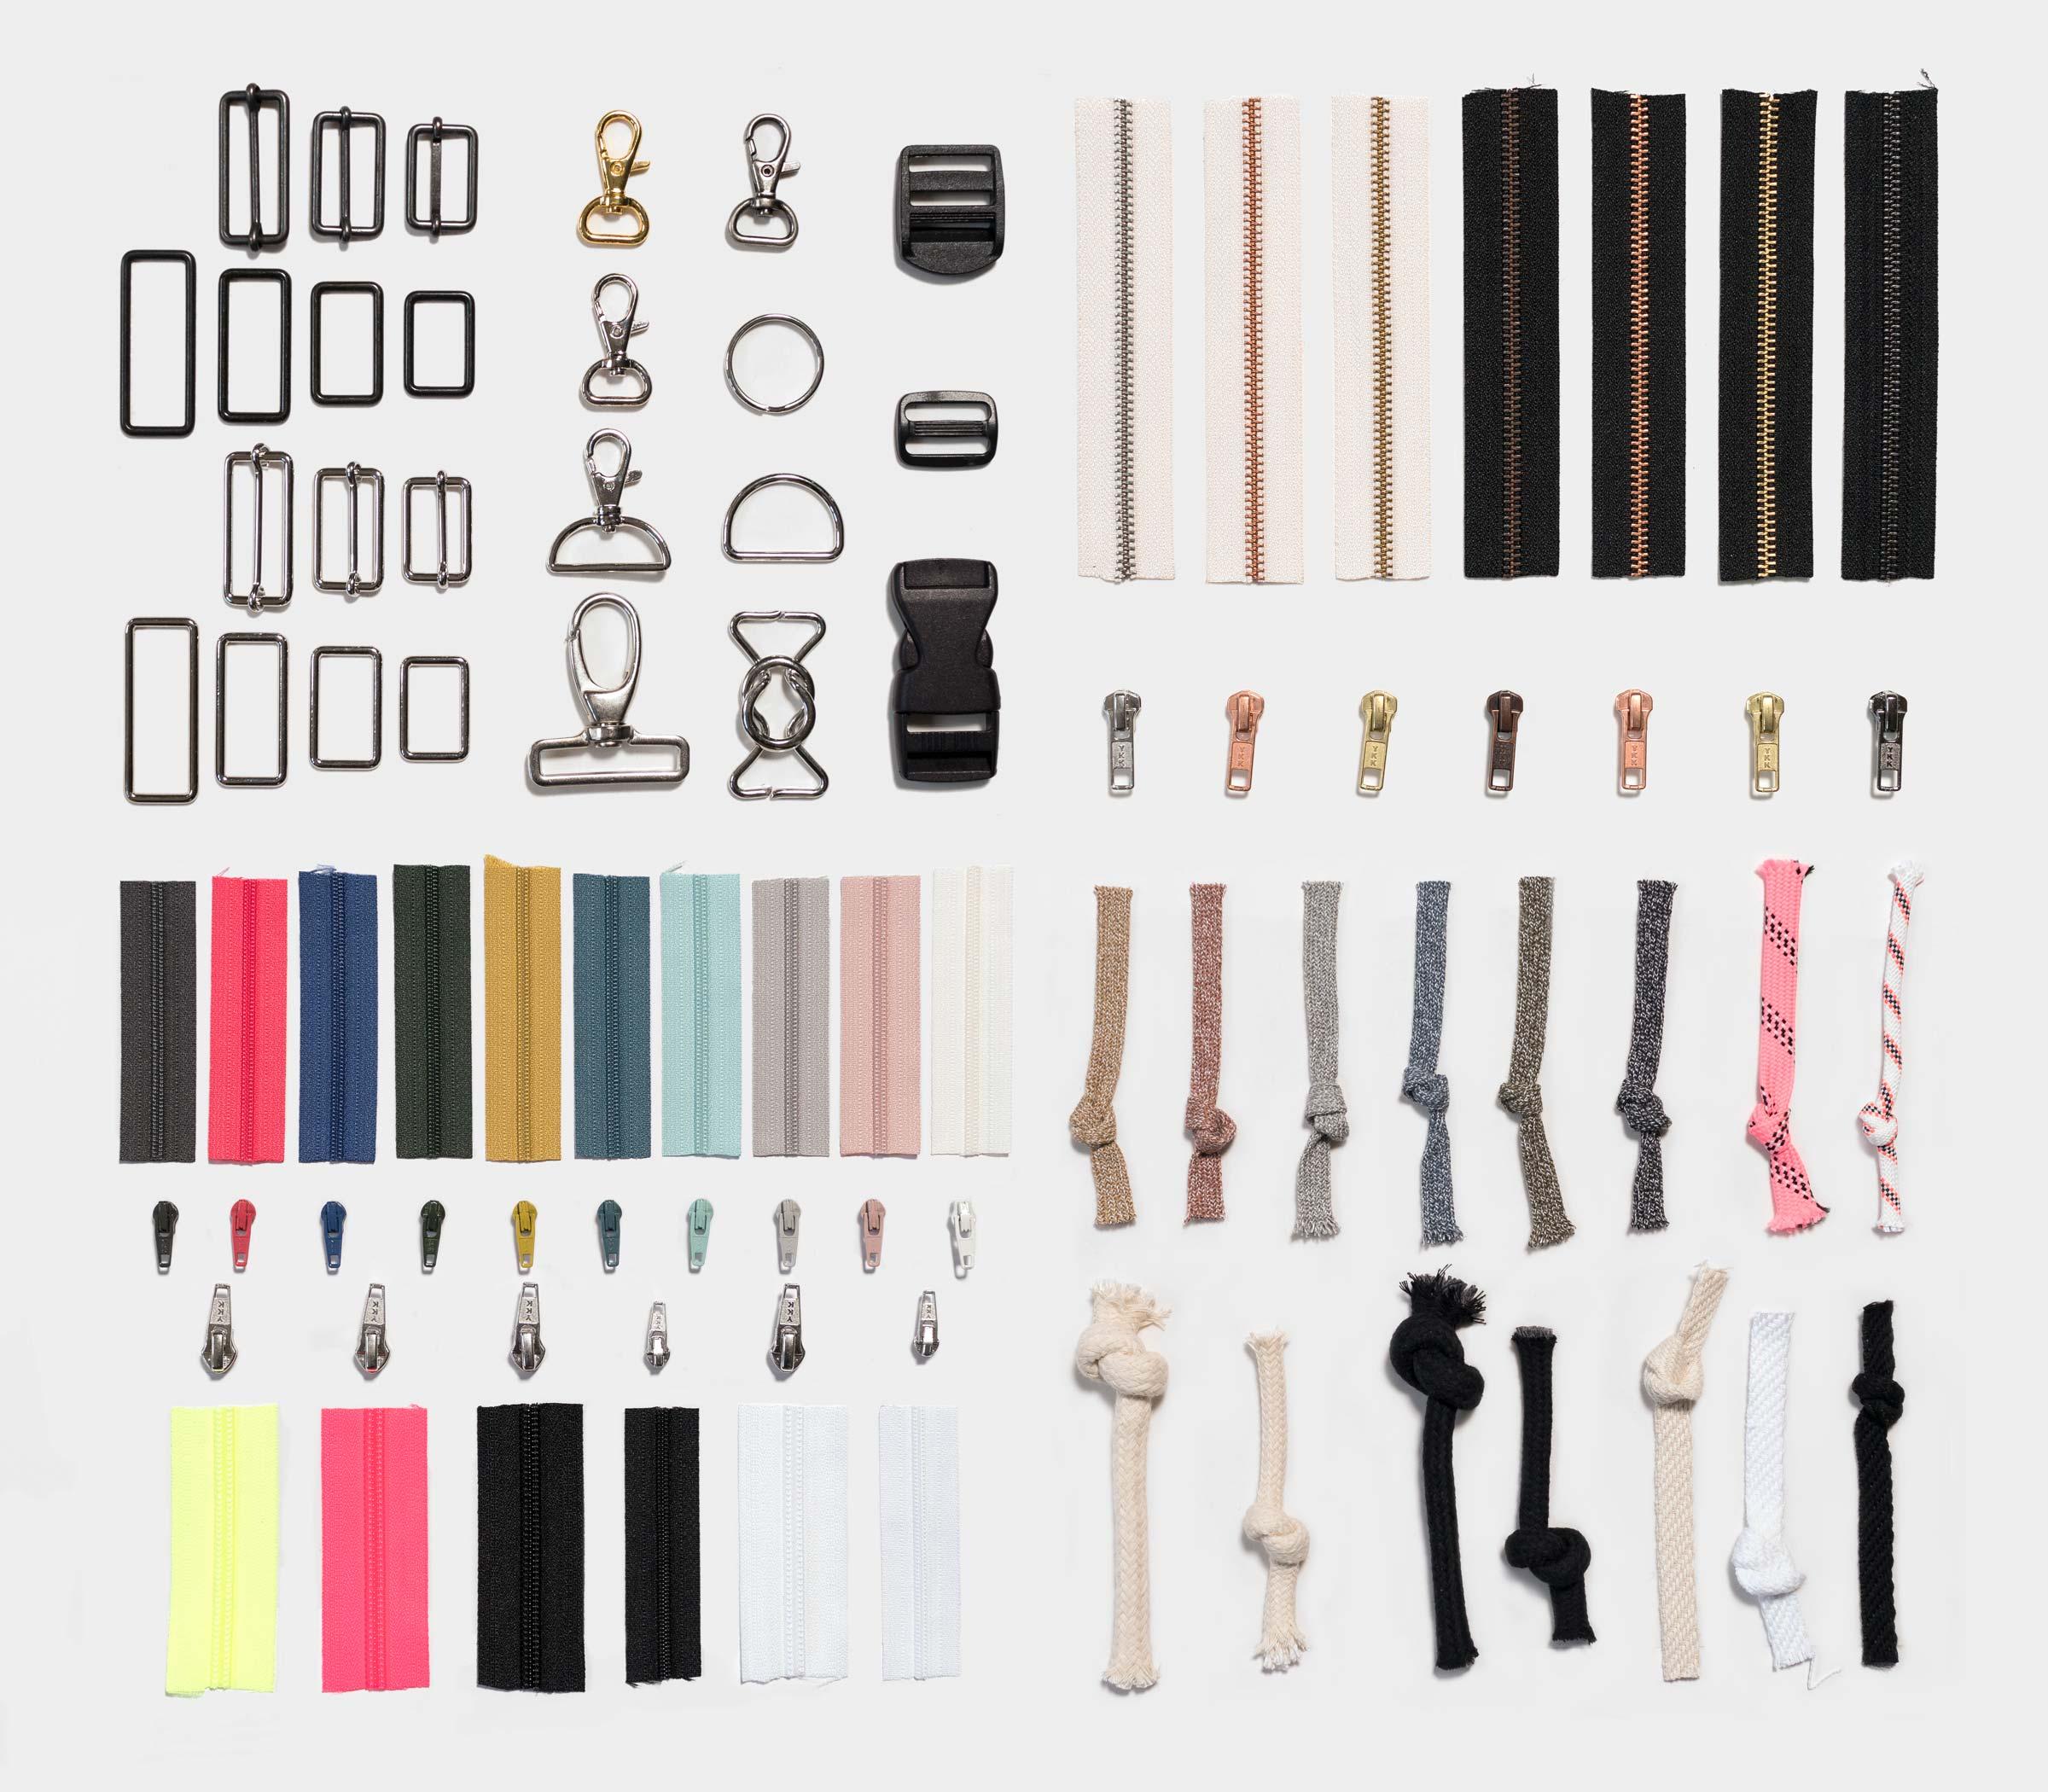 Textil Tricot Vogt – products ©Atelier Pol × Joëlle Lehmann